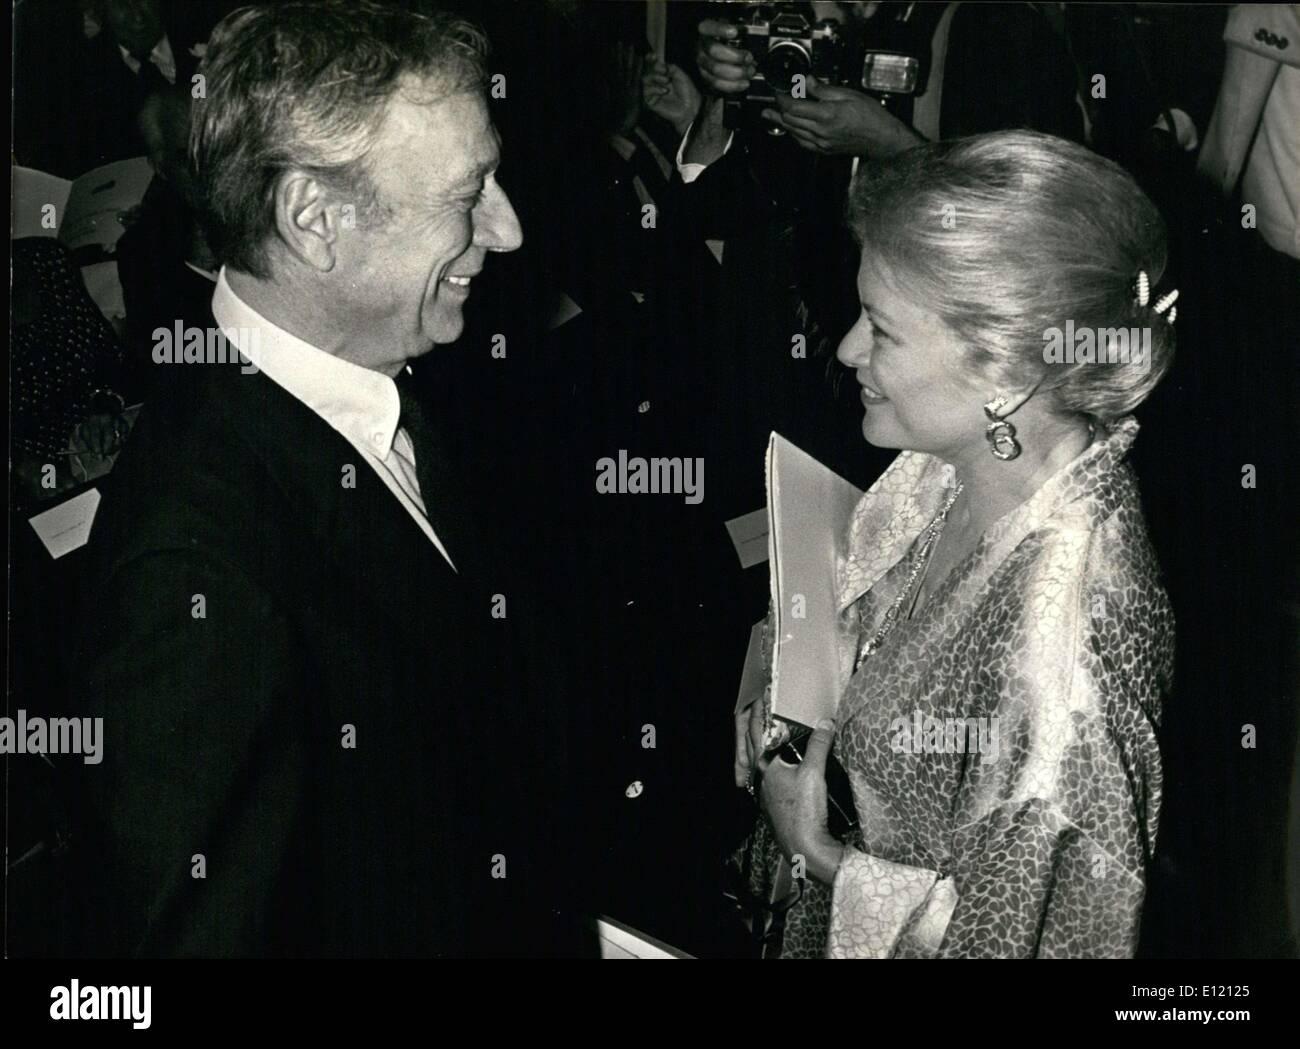 Septembre 18, 1981 - Un gala a eu lieu au Théâtre Rond-Point Renaud-Barrault en l'honneur de Gene Kelly au profit du centre de l'Amérique. Photo Stock